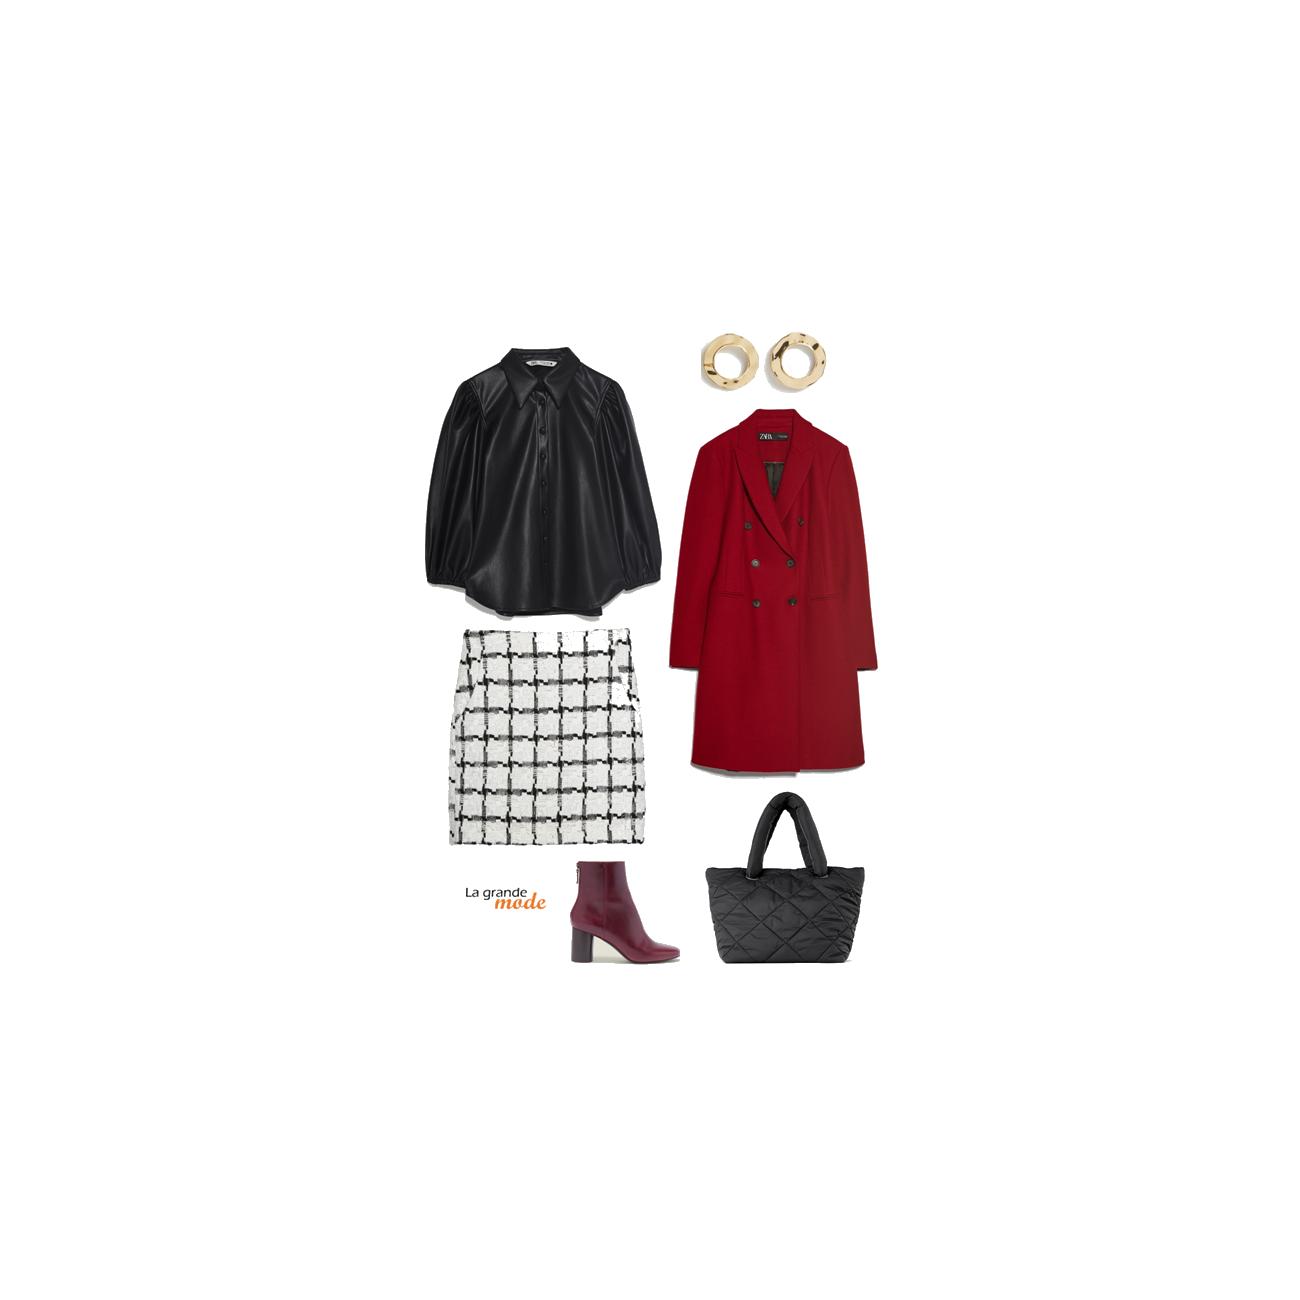 La Grande Mode - Idée look avec une jupe pied-de-poule et une chemise en cuir - Tendances mode automne hiver 2019